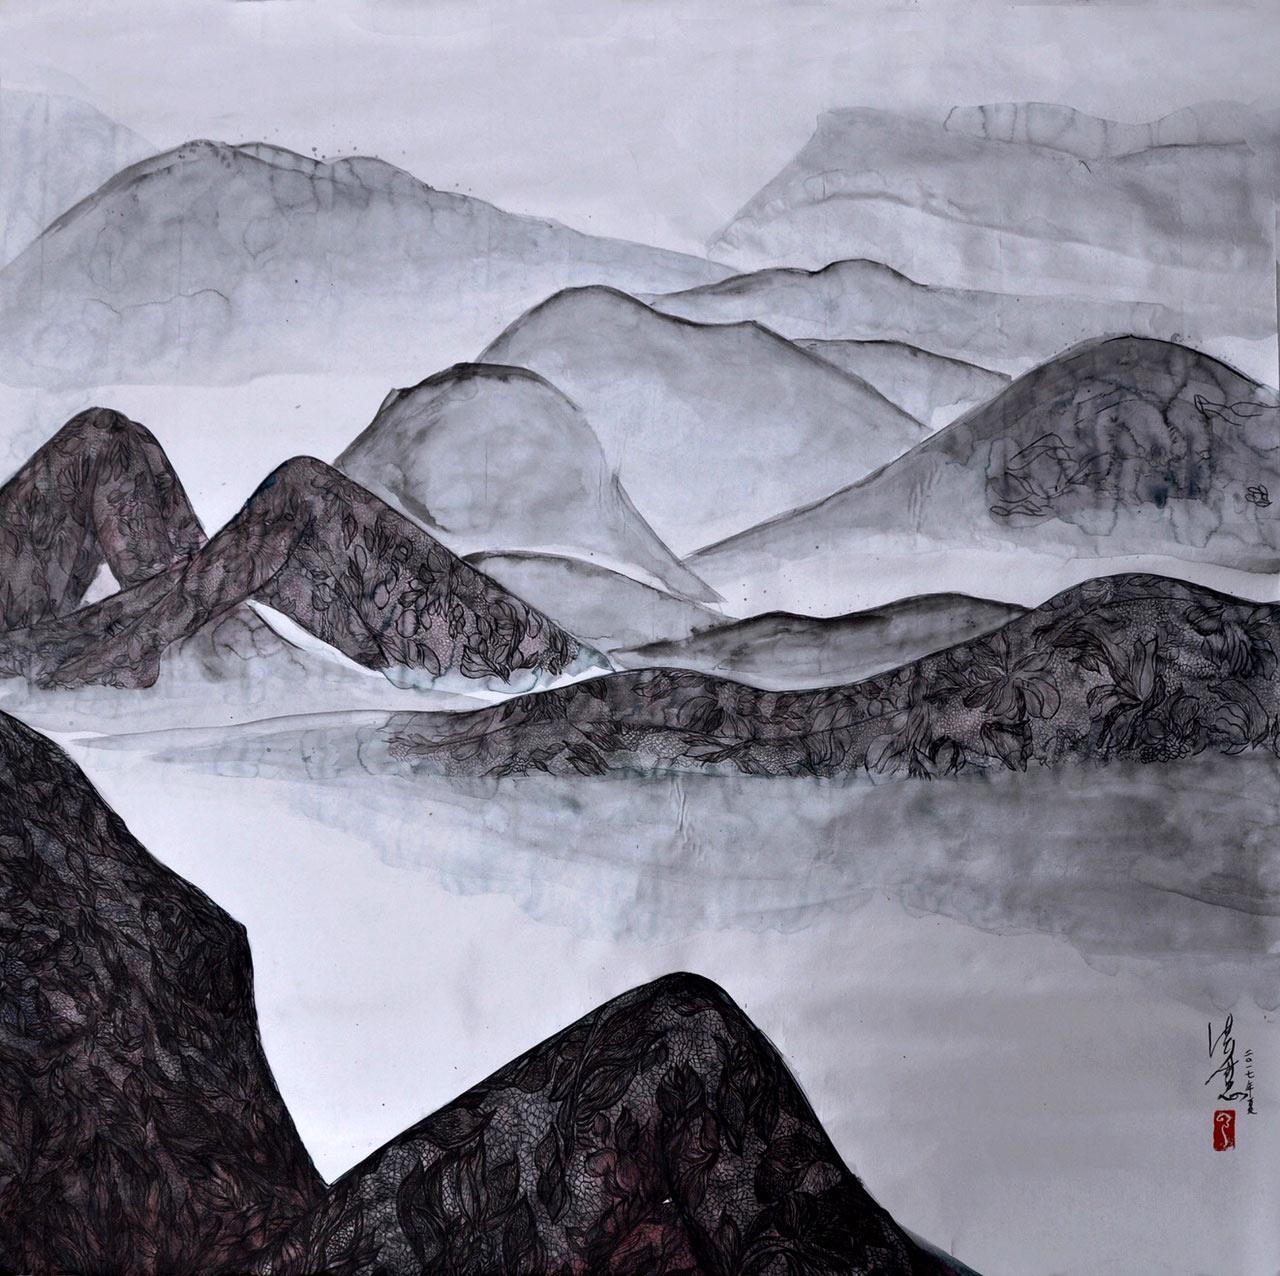 artwork by Wai Hong